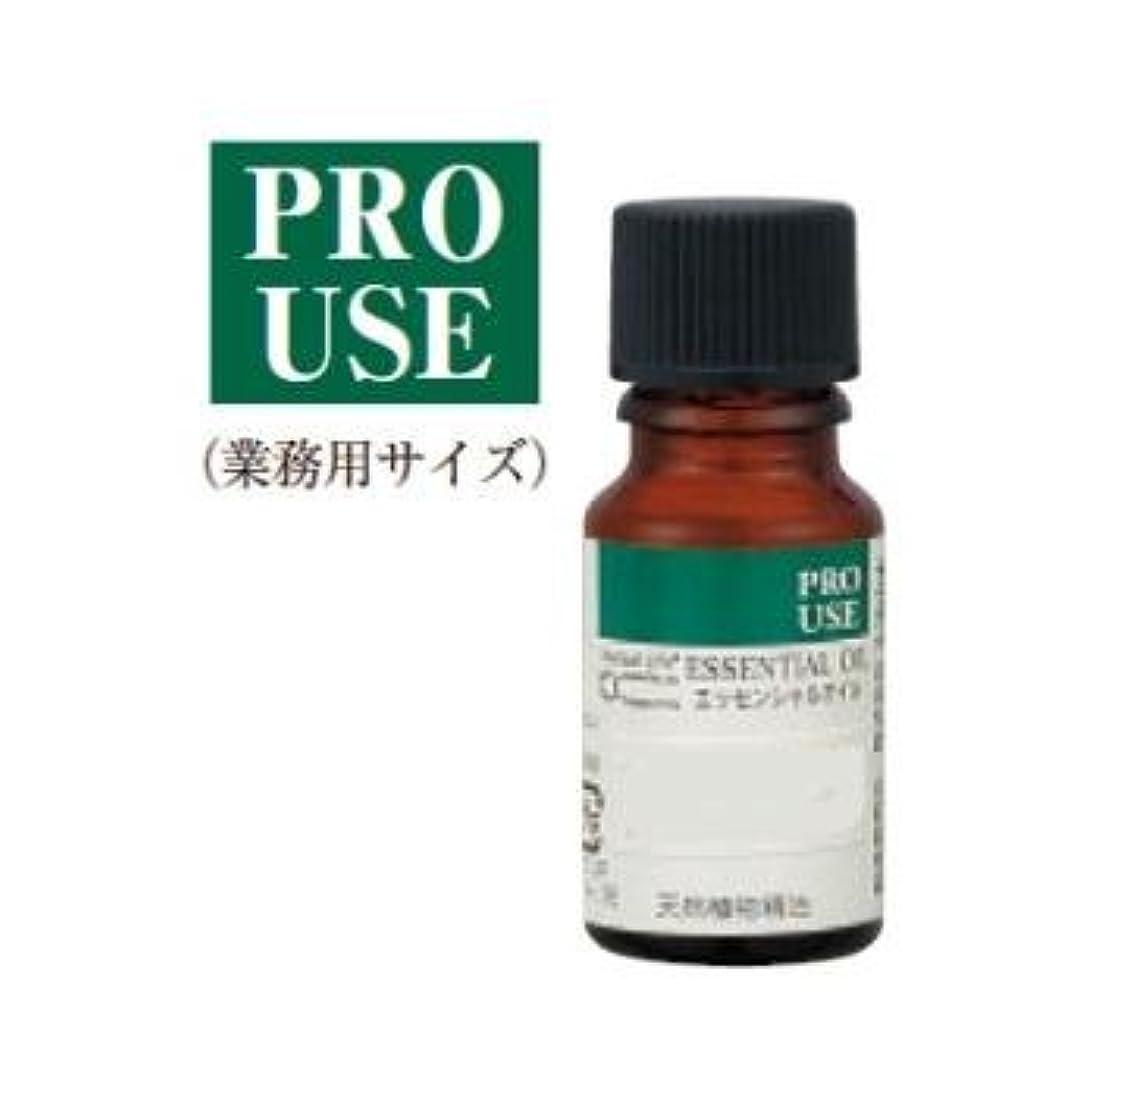 ホールドオール馬鹿げた嫌な生活の木 ジャスミンAbs.10ml エッセンシャルオイル/精油